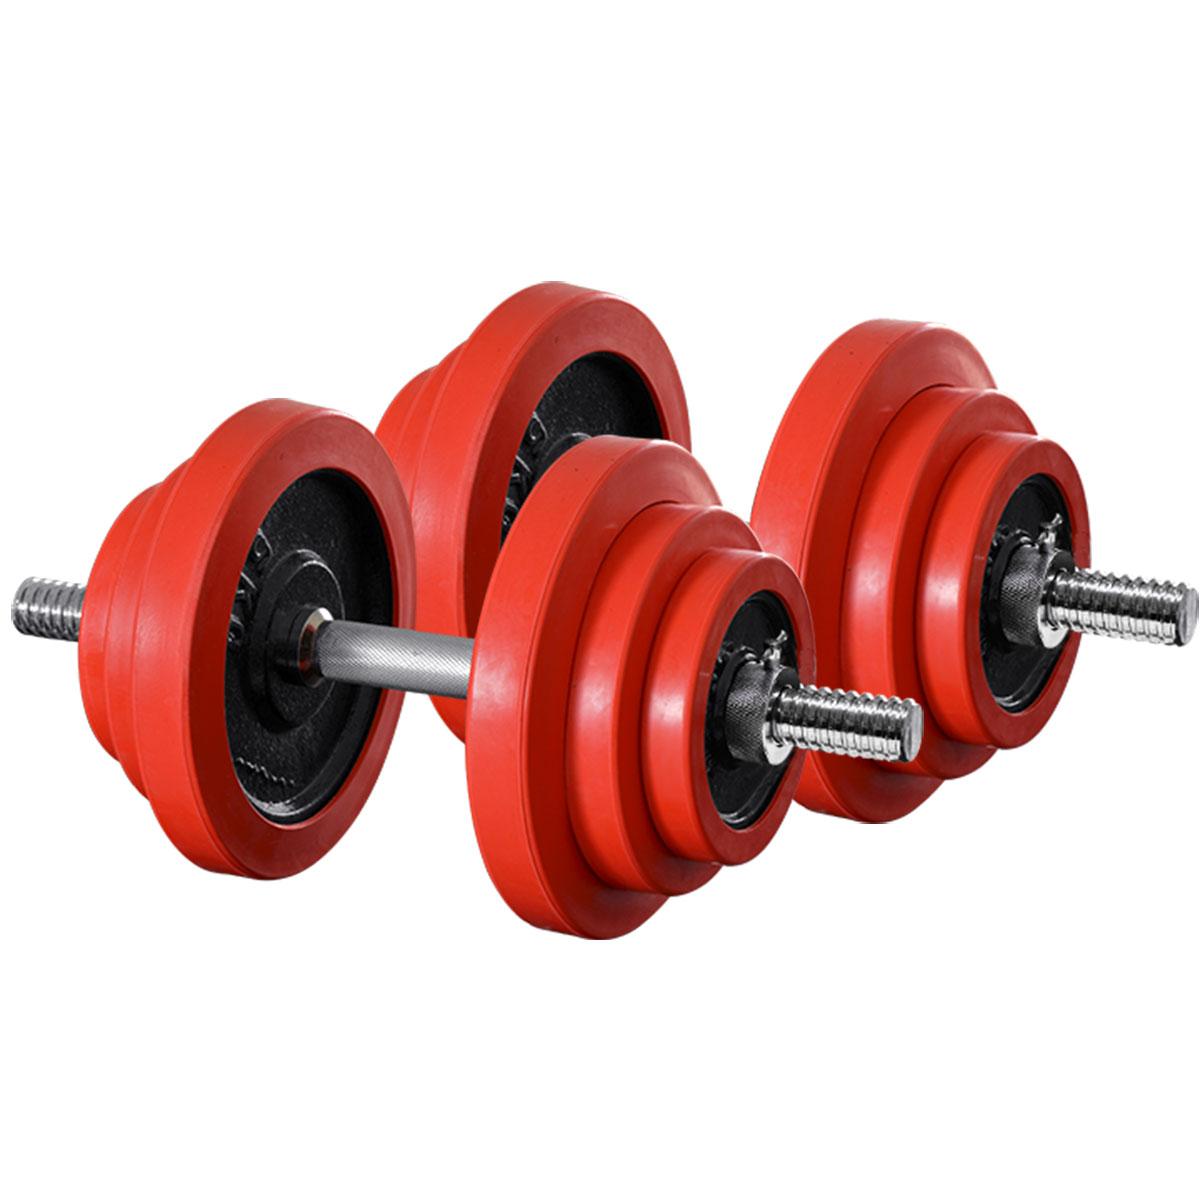 〈1年保証〉ダンベル 20kg 2個セット ラバーダンベル 40kgセット【ダンベルセット 計 40kg 20kg 2個】ラバー付き ダンベル 20kg ダンベル 40kg セット プレート 筋トレ 鉄アレイ 20kg×2 2kg 5kg 7.5kg 10kg 15kg[送料無料]